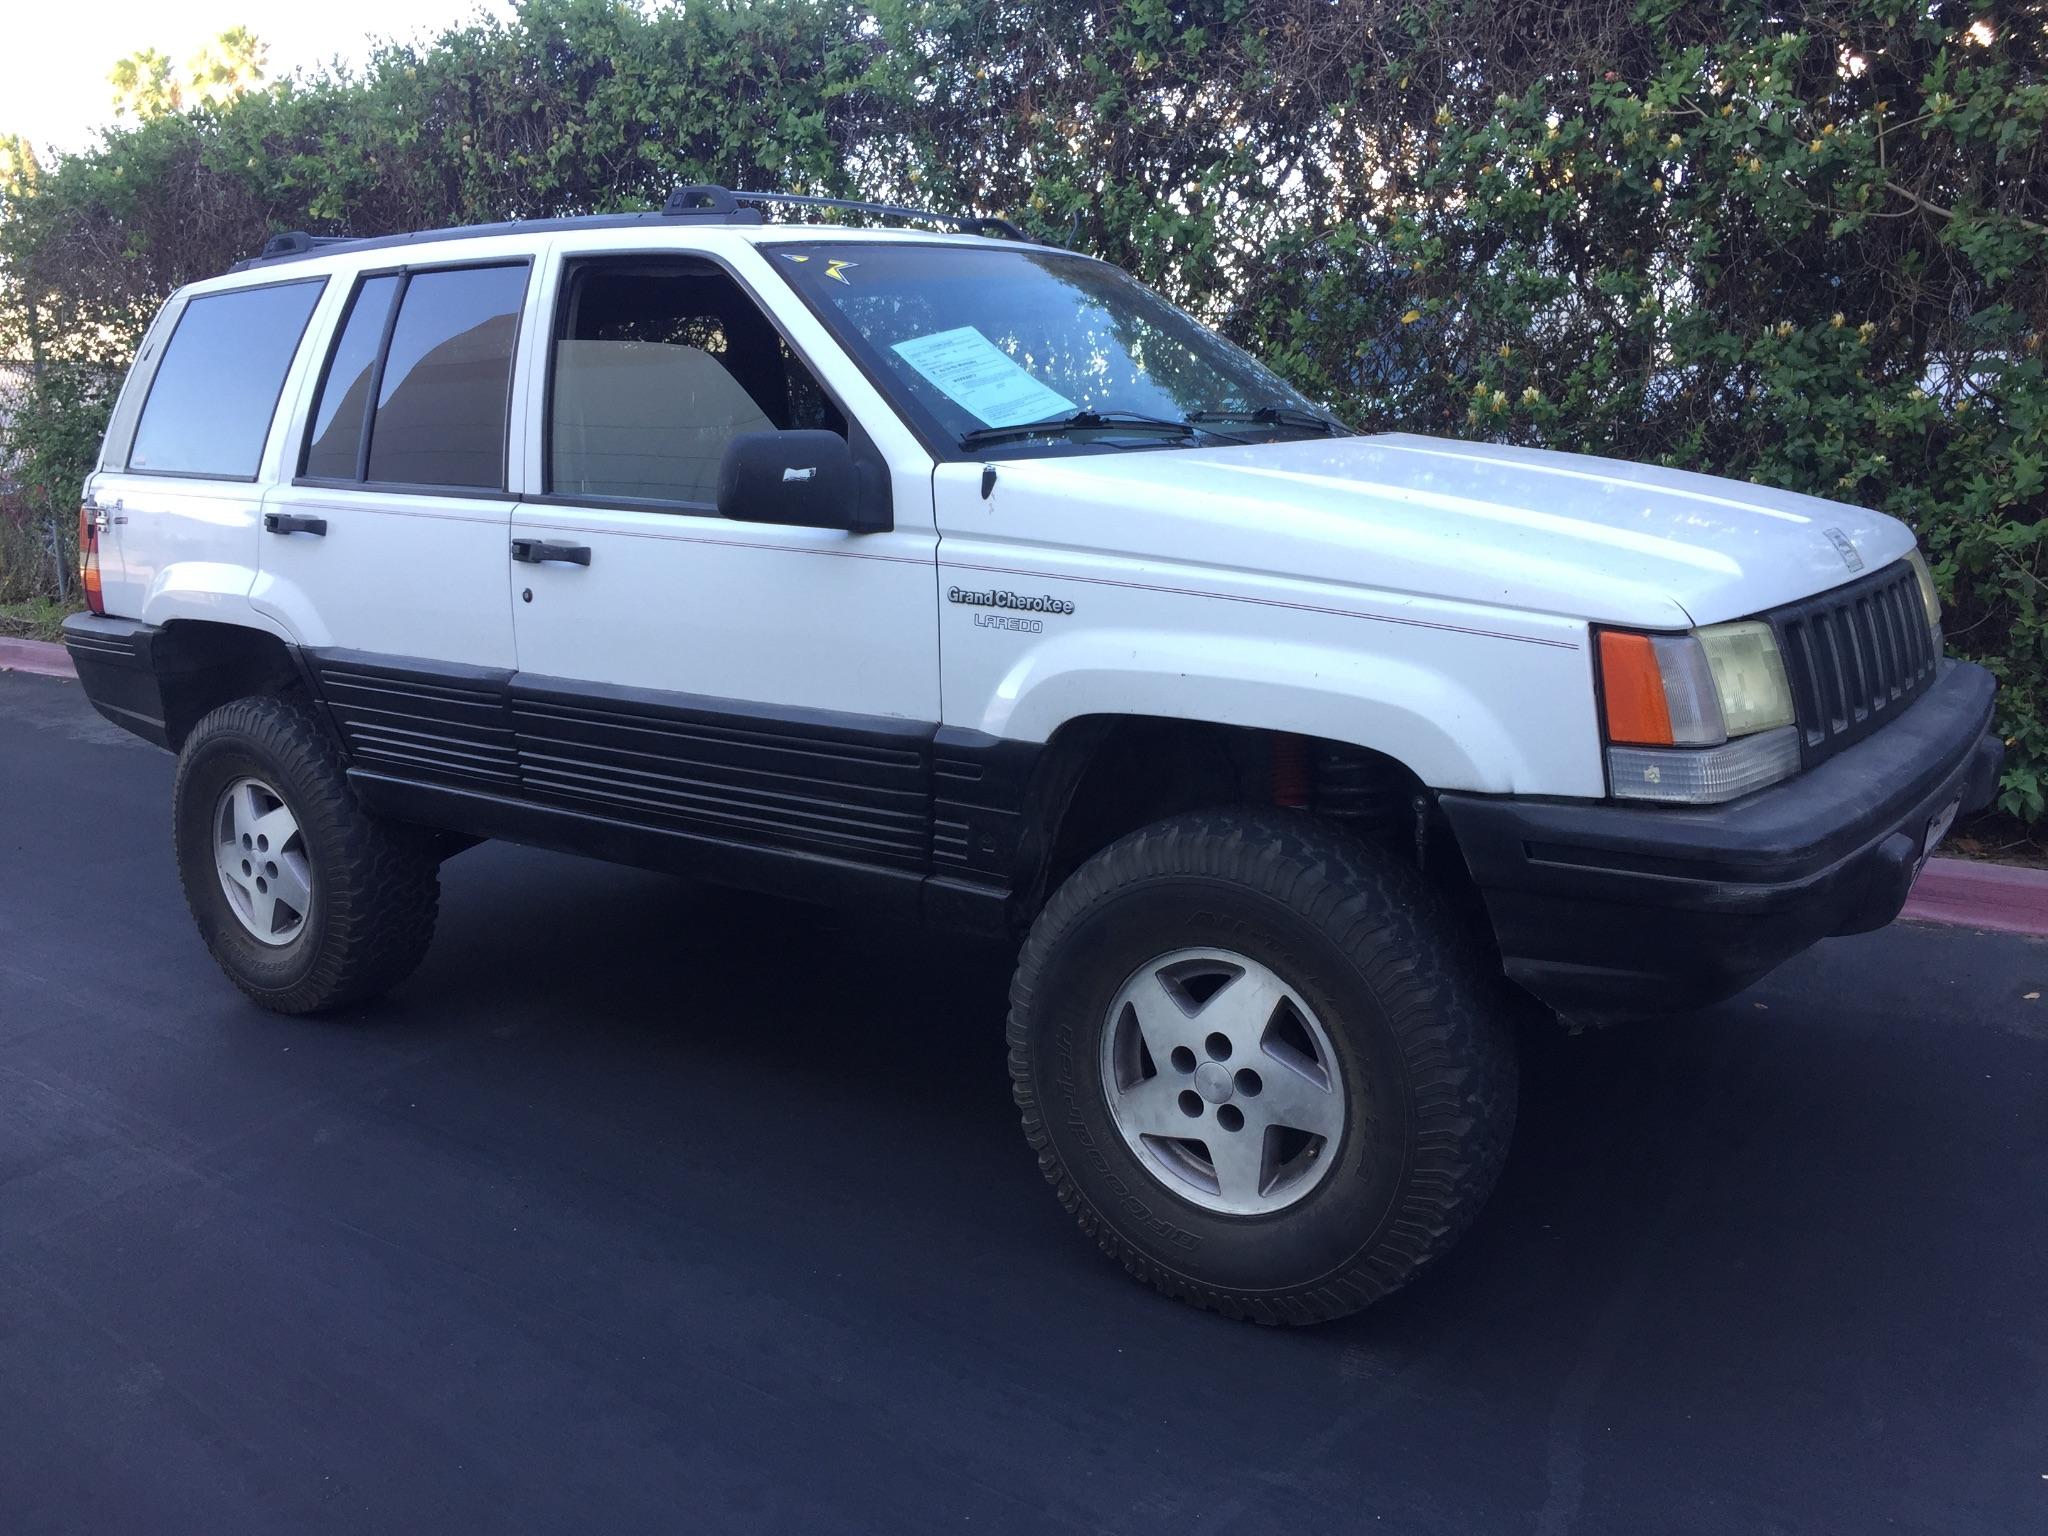 1995 White Grand Cherokee Laredo